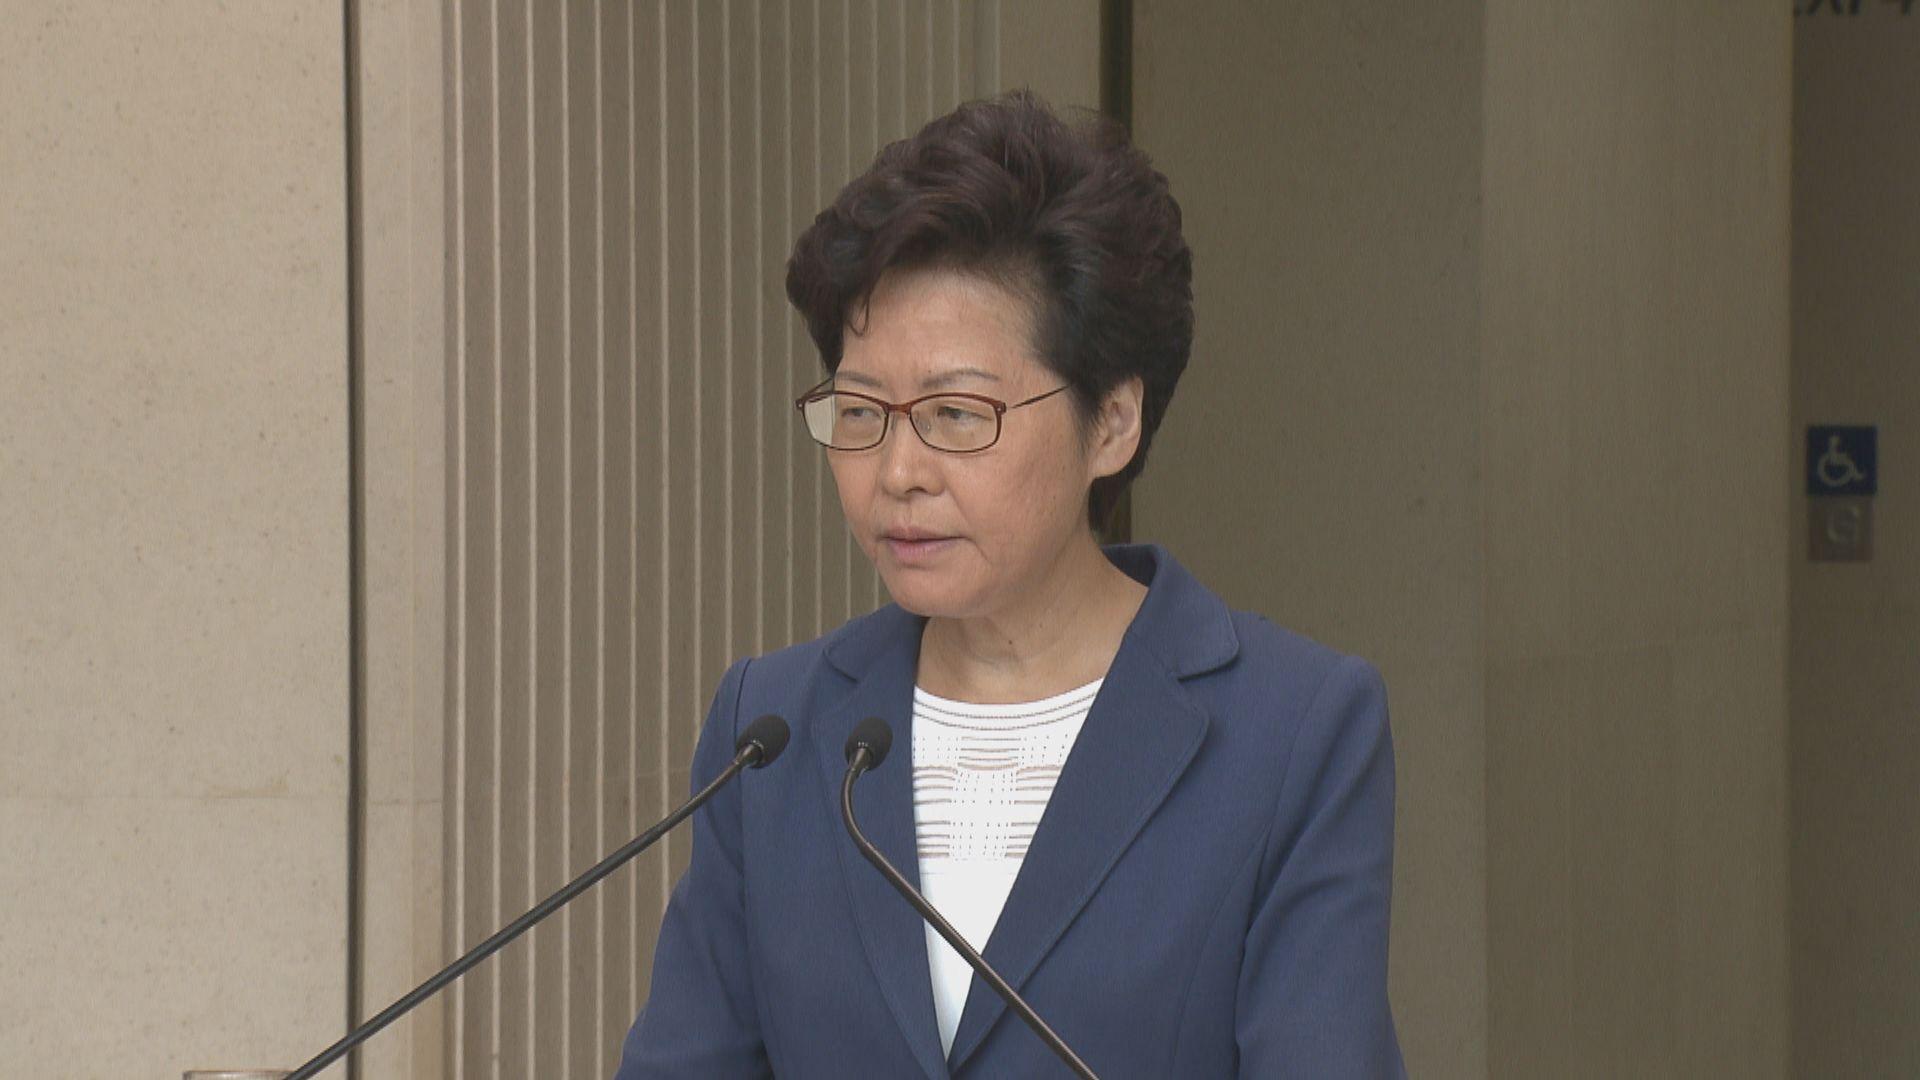 【最新】林鄭月娥:現無計劃以緊急法訂立其他措施